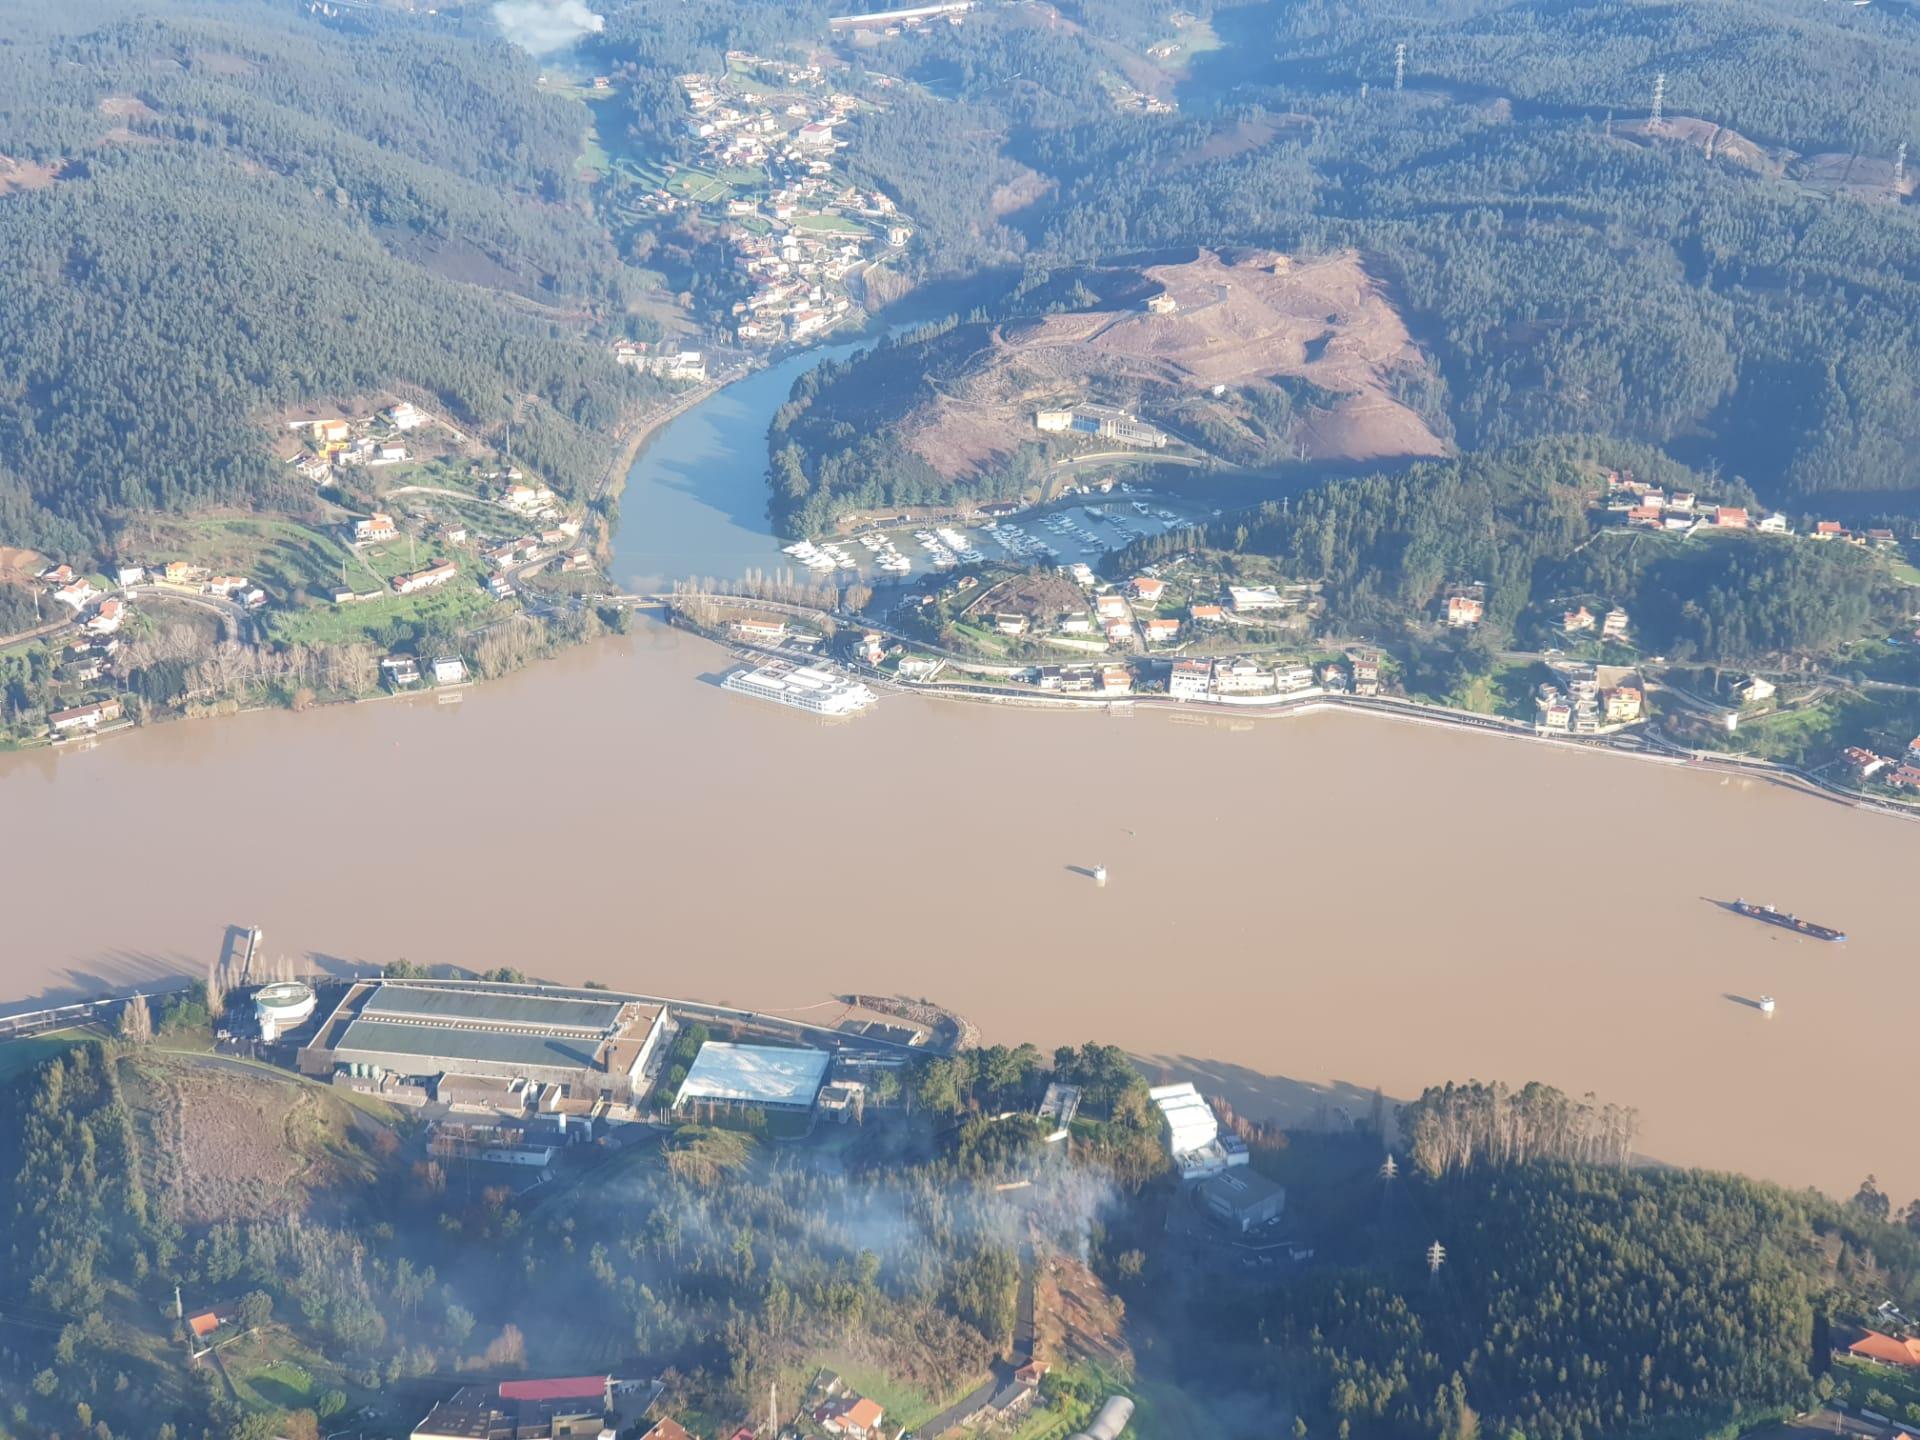 LM-Arquivo-Douro-Paiva-Foto-Aerea-ETA-Lever-052